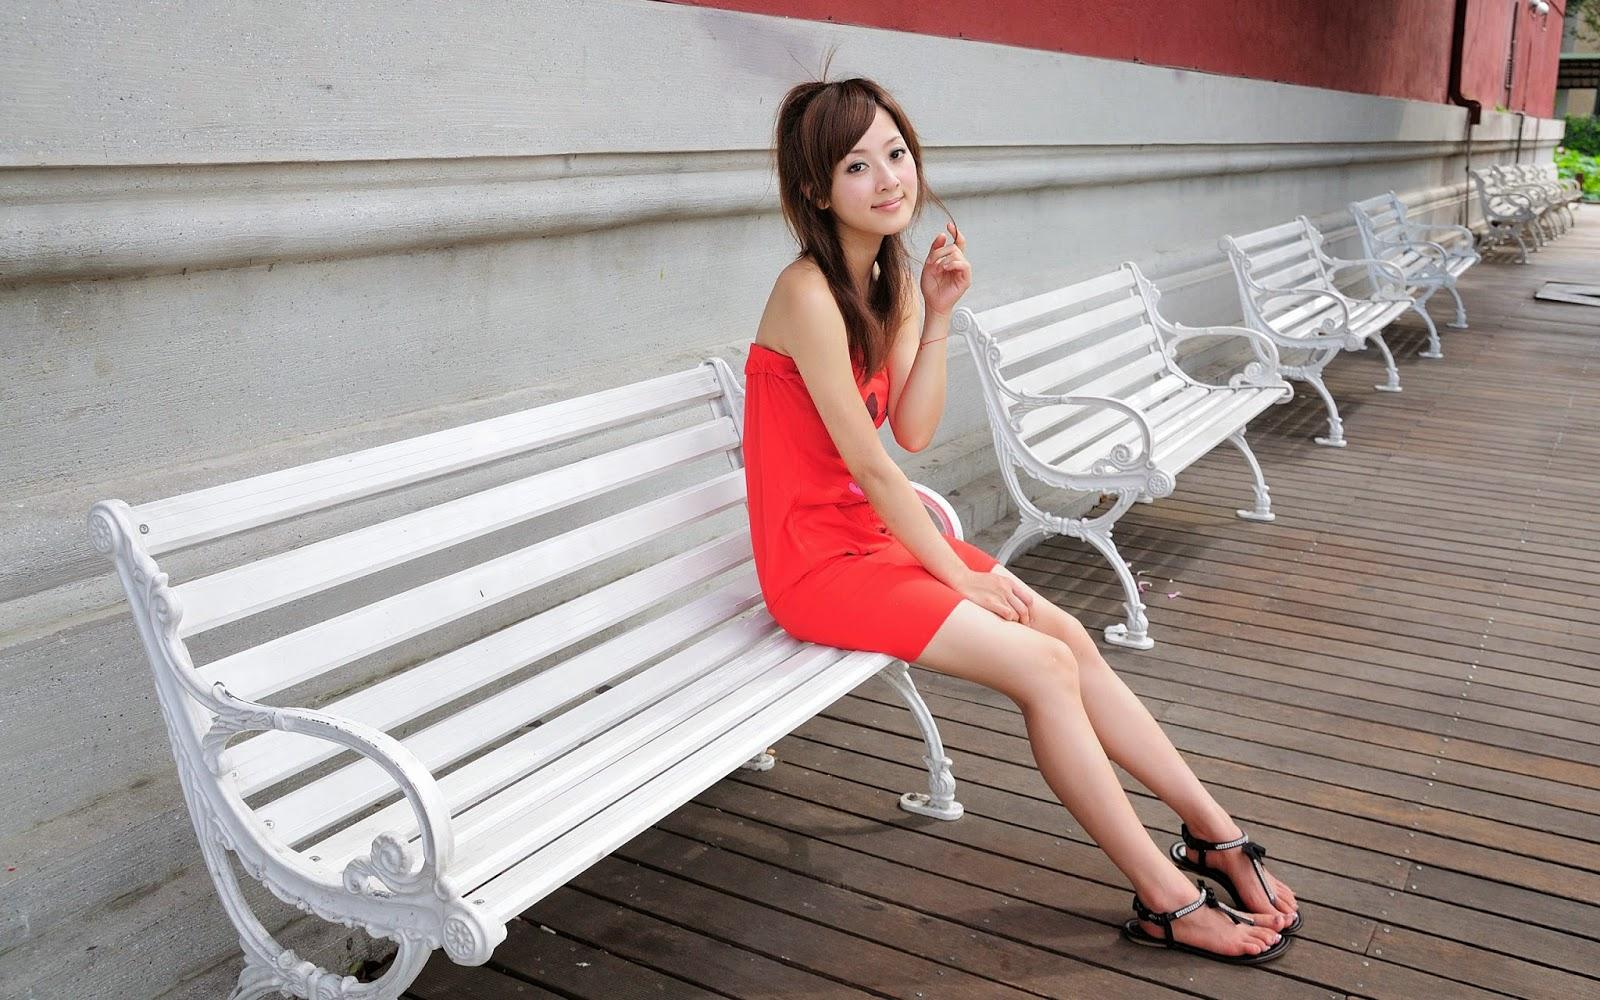 Amazing  Wedges Womens Platform Strappy Peeptoe Wedge Sandals Shoes Size  EBay